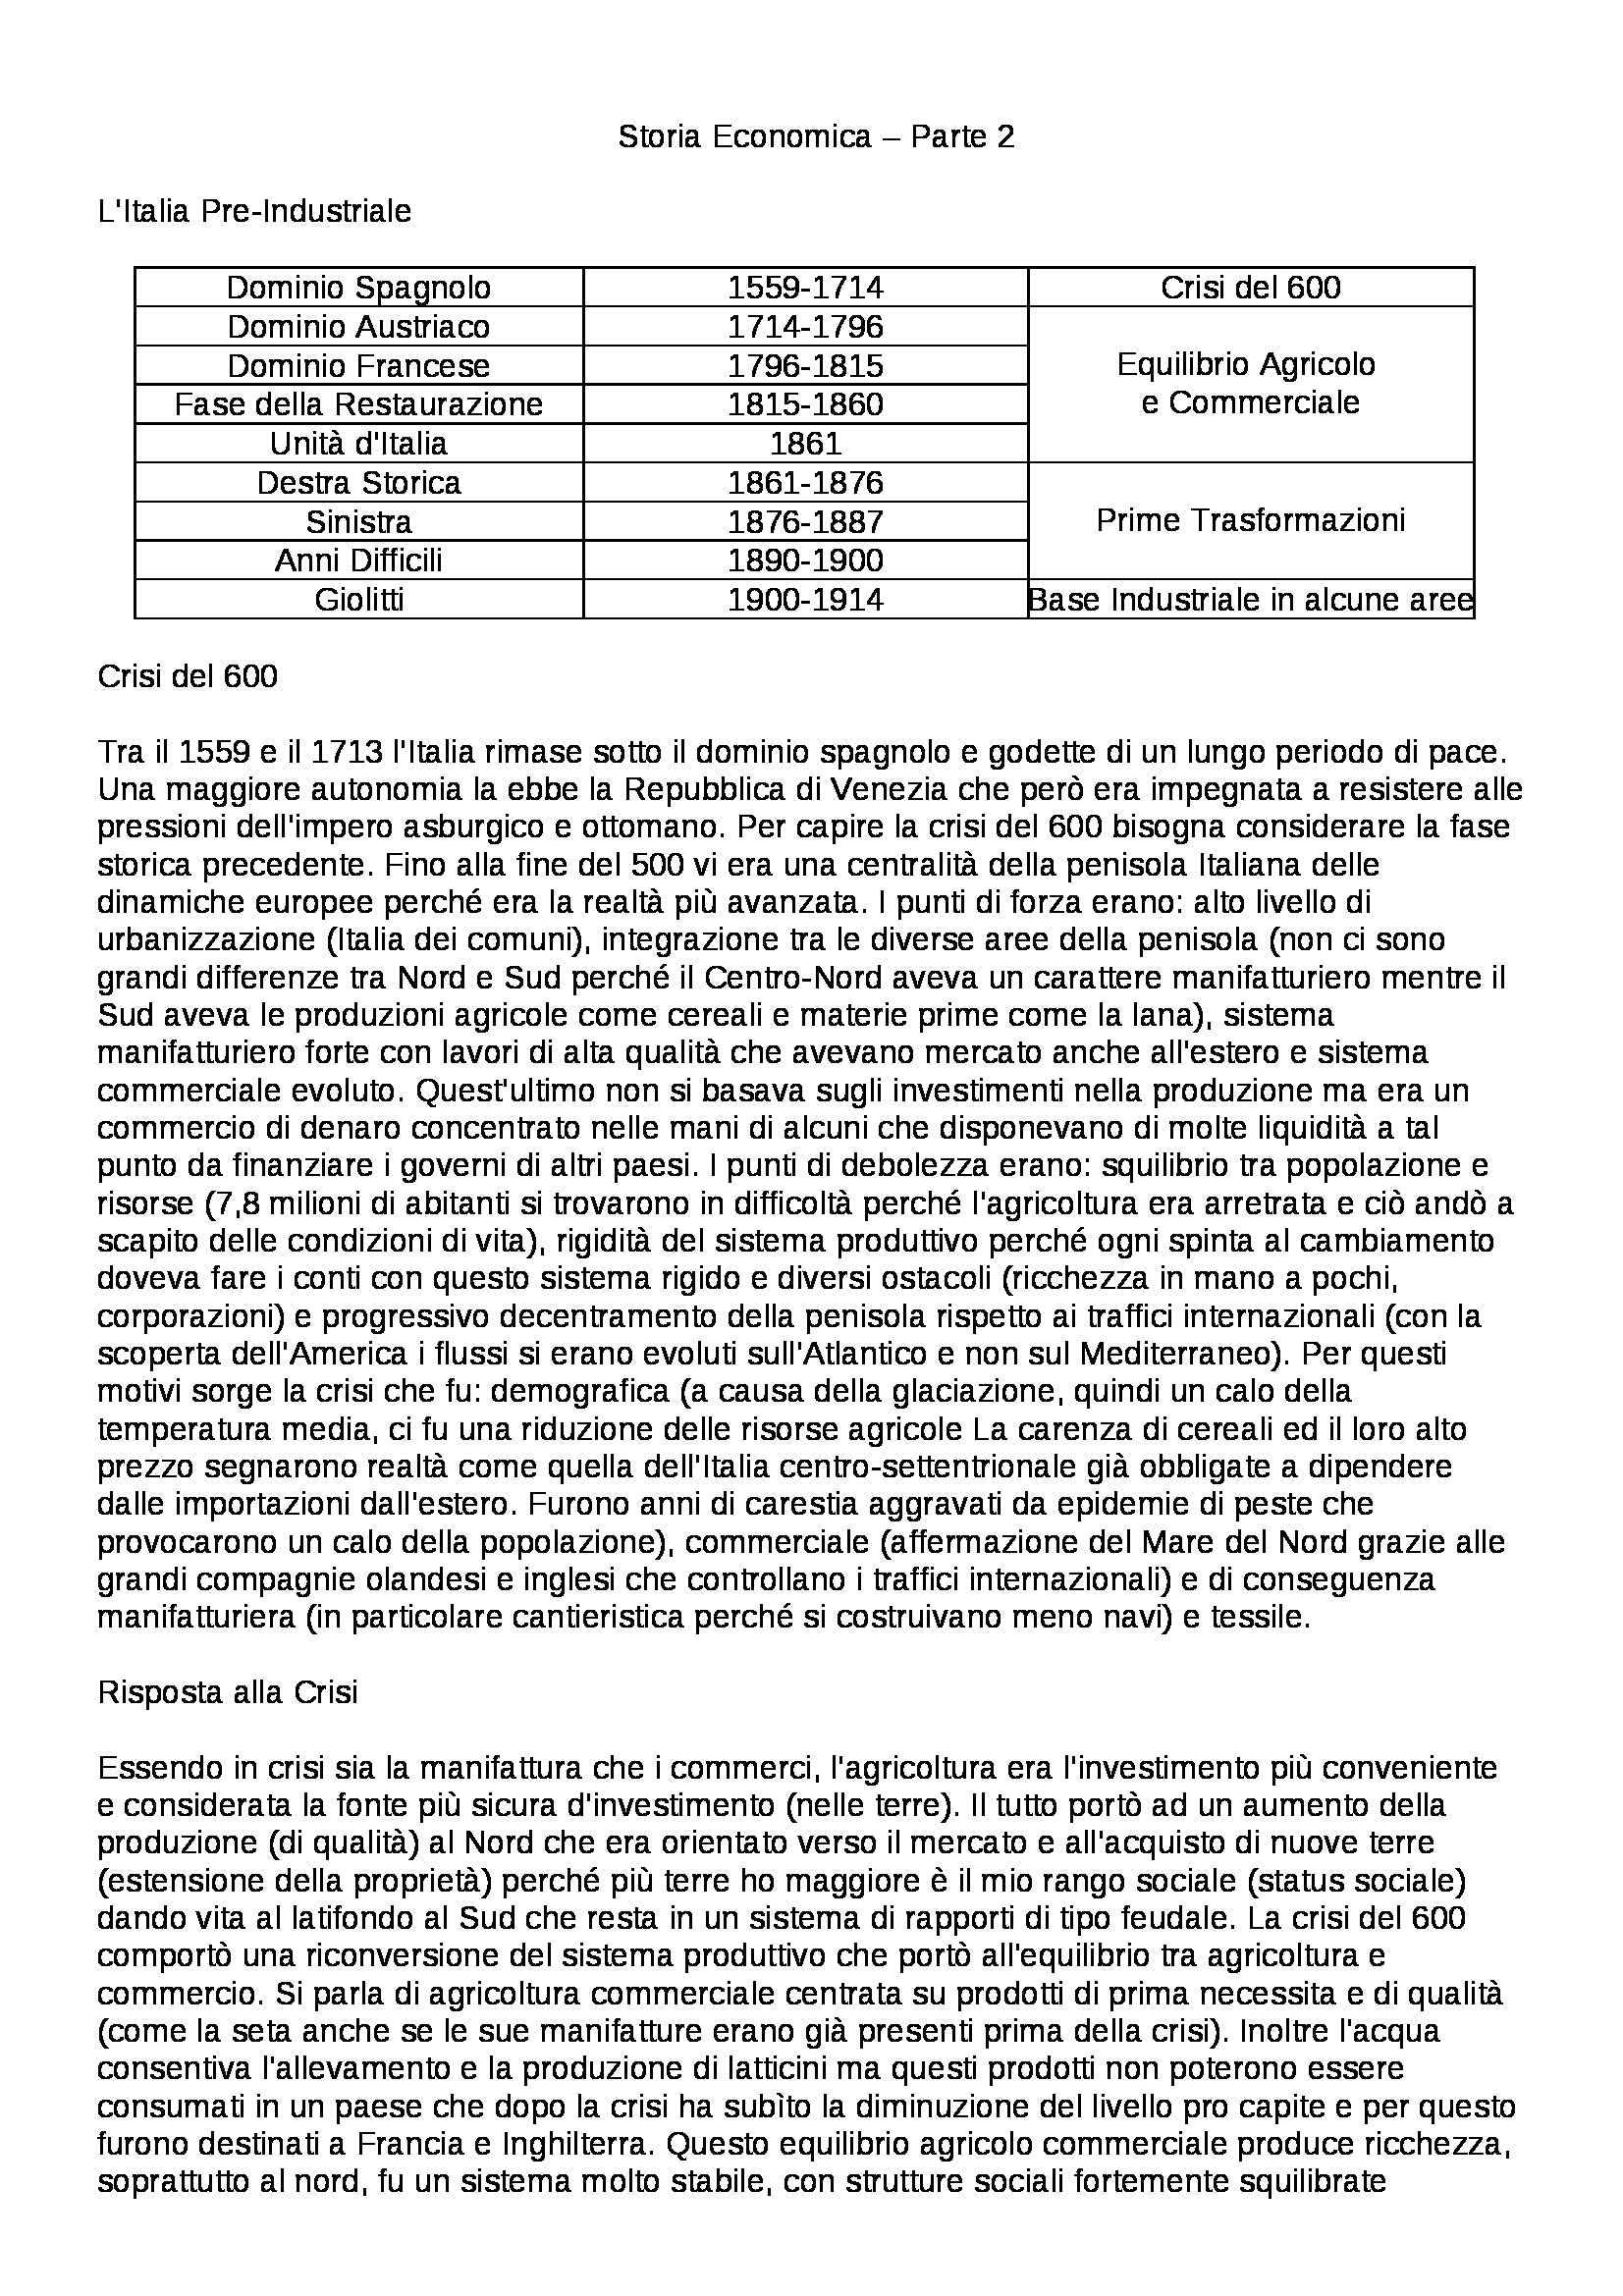 Riassunto esame Storia Economia - parte seconda, prof. Carera